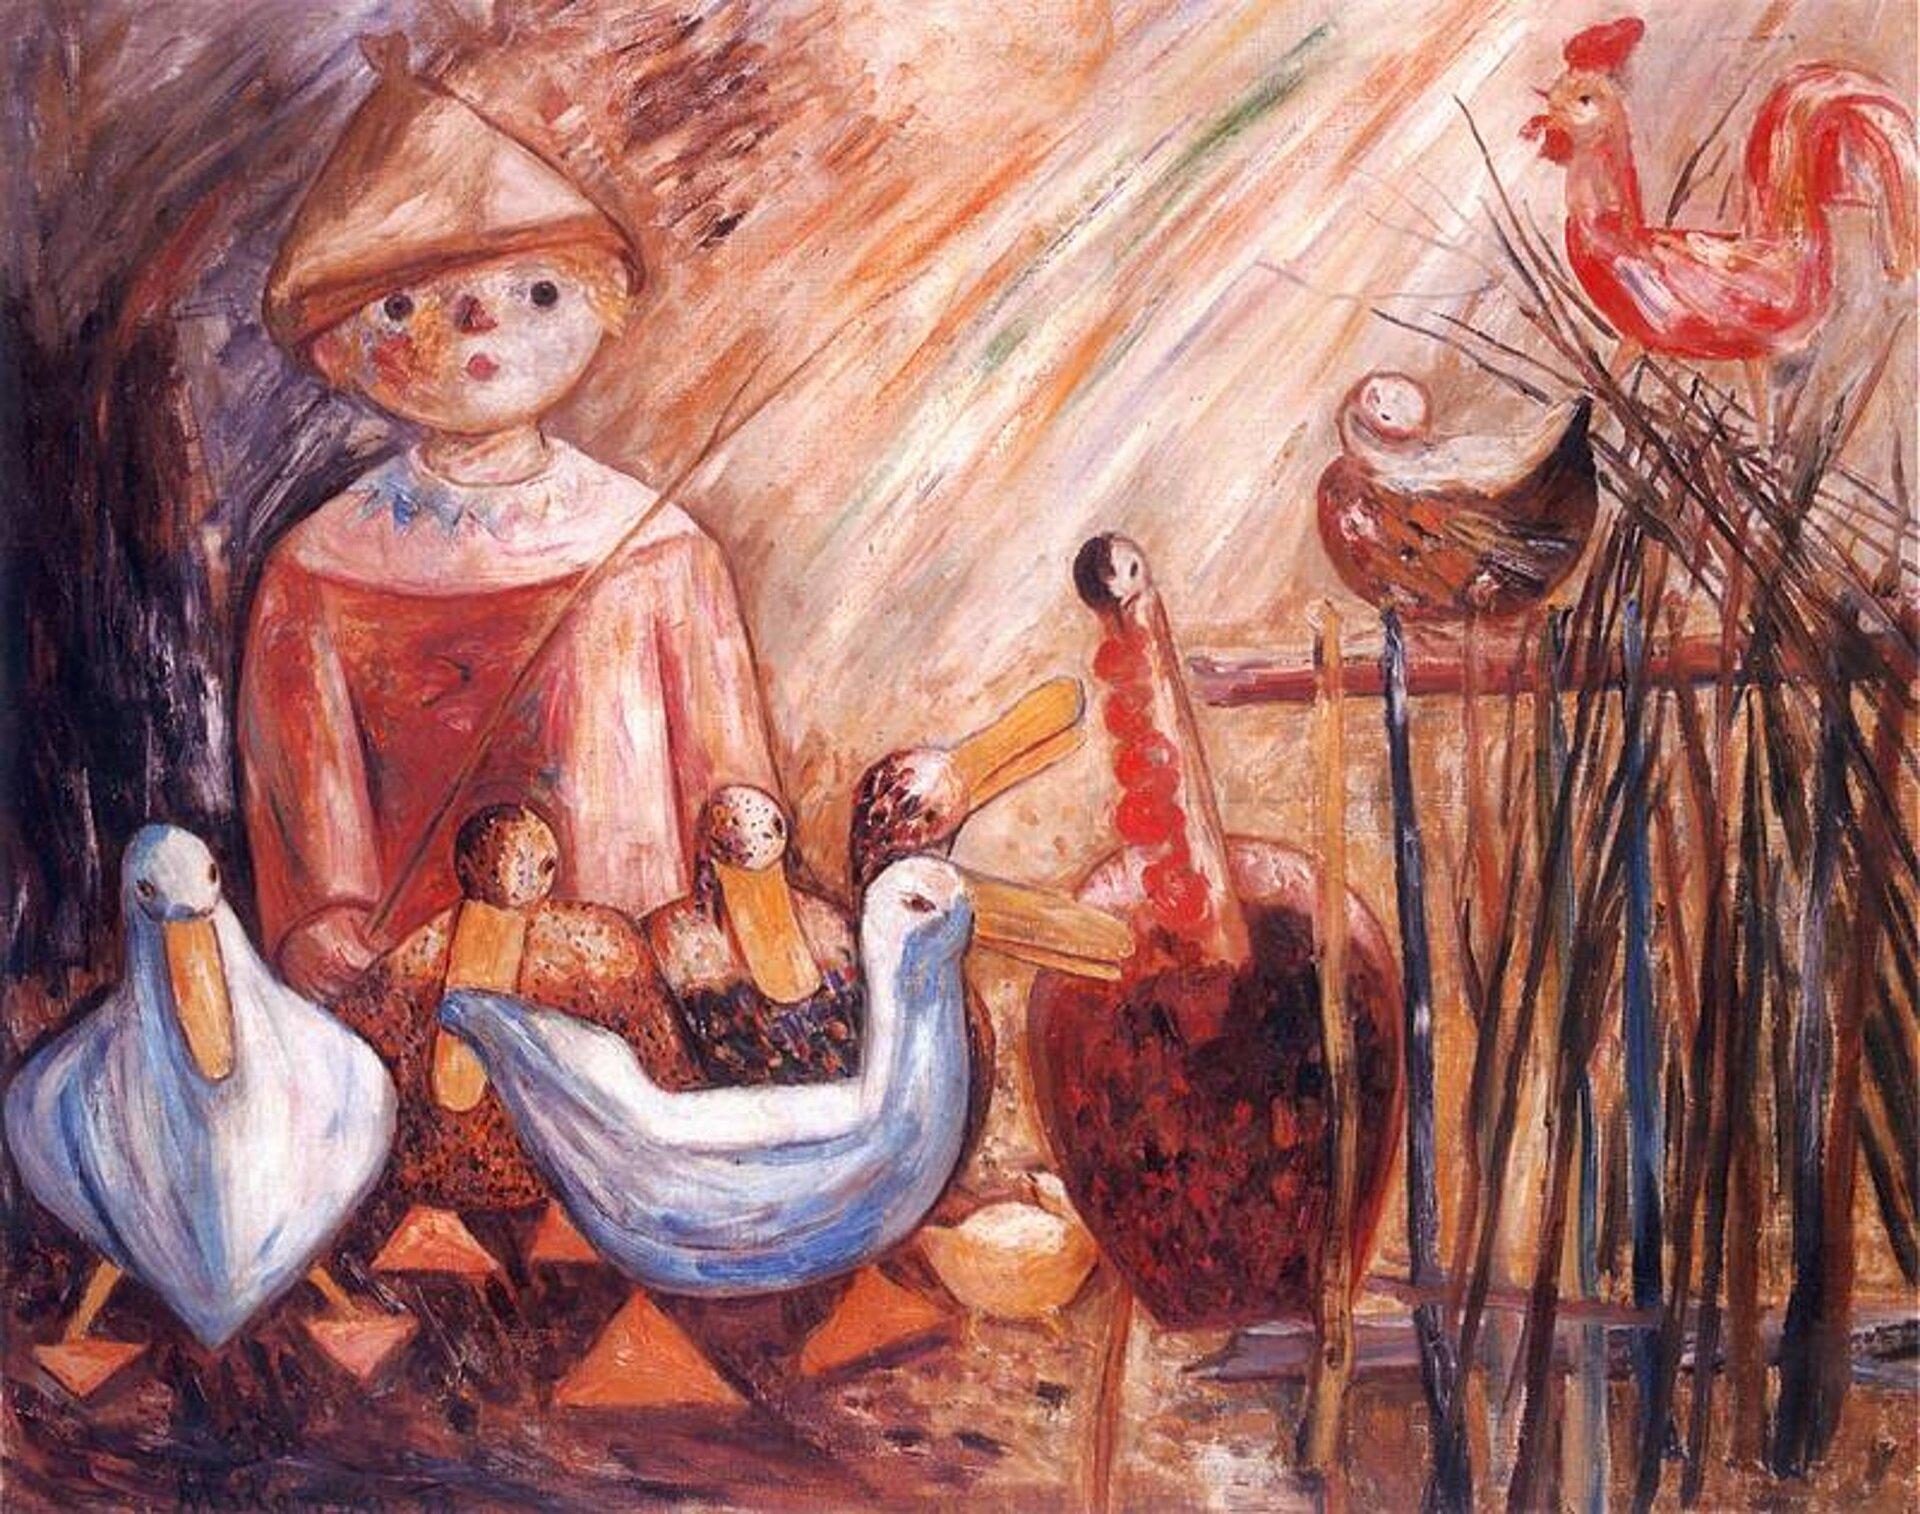 """Ilustracja przedstawia obraz pt. """"Wiejskie podwórko"""" autorstwa Tadeusza Makowskiego. Dzieło ukazuje postać chłopca wczapce wkształcie stożka. Młodzieniec przygląda się zgromadzonym wokół niego kaczkom, kogutowi igęsi. Po prawej stronie widoczny jest fragment płotu, na którym siedzi kogut ikura."""